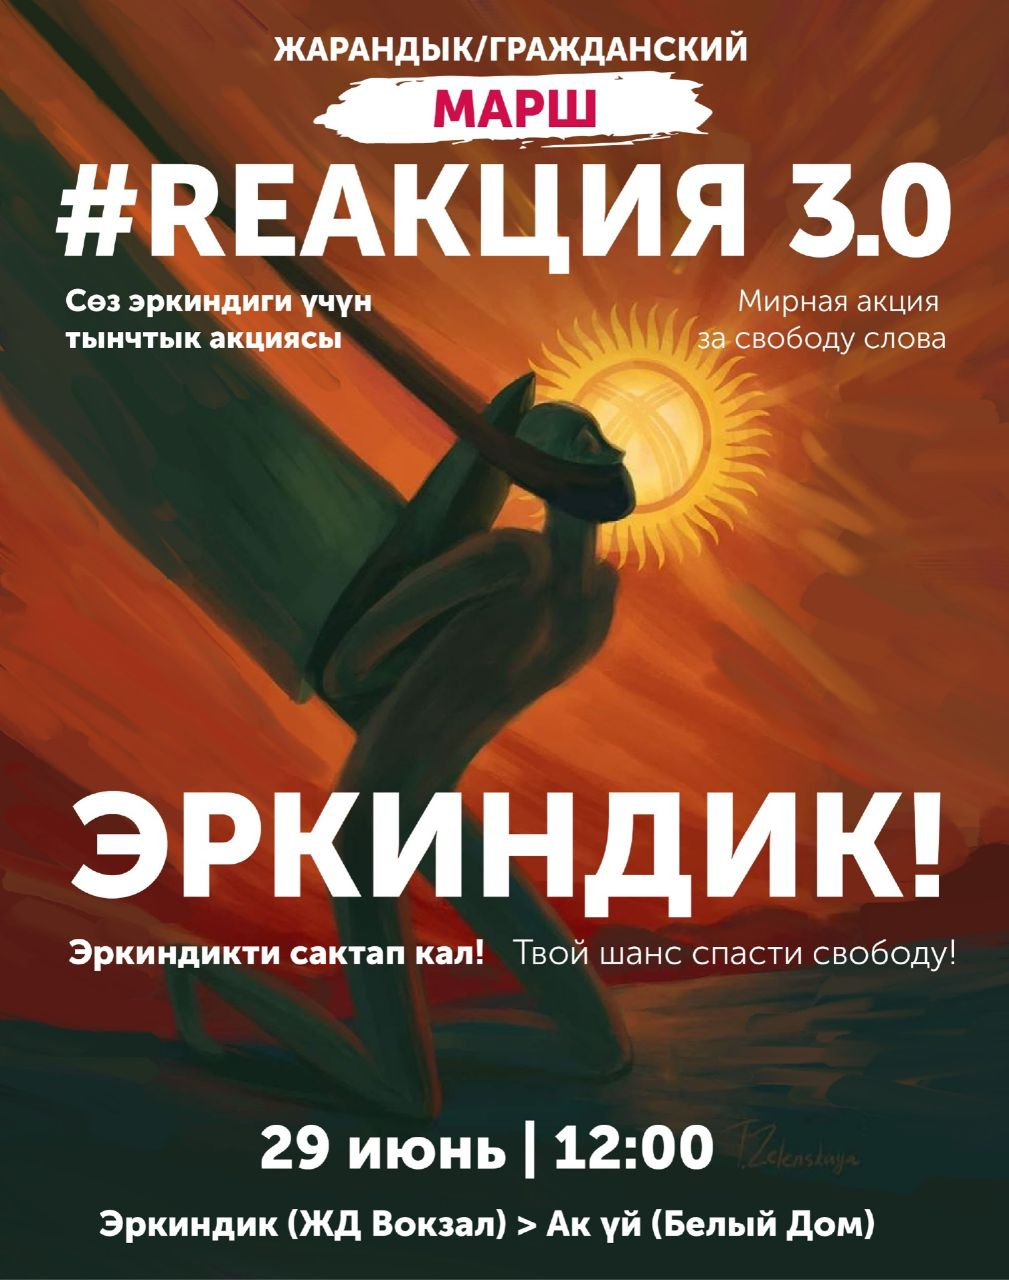 «А что вы делаете завтра?» Как кыргызстанцев пытаются убедить не посещать мирный марш за свободу слова